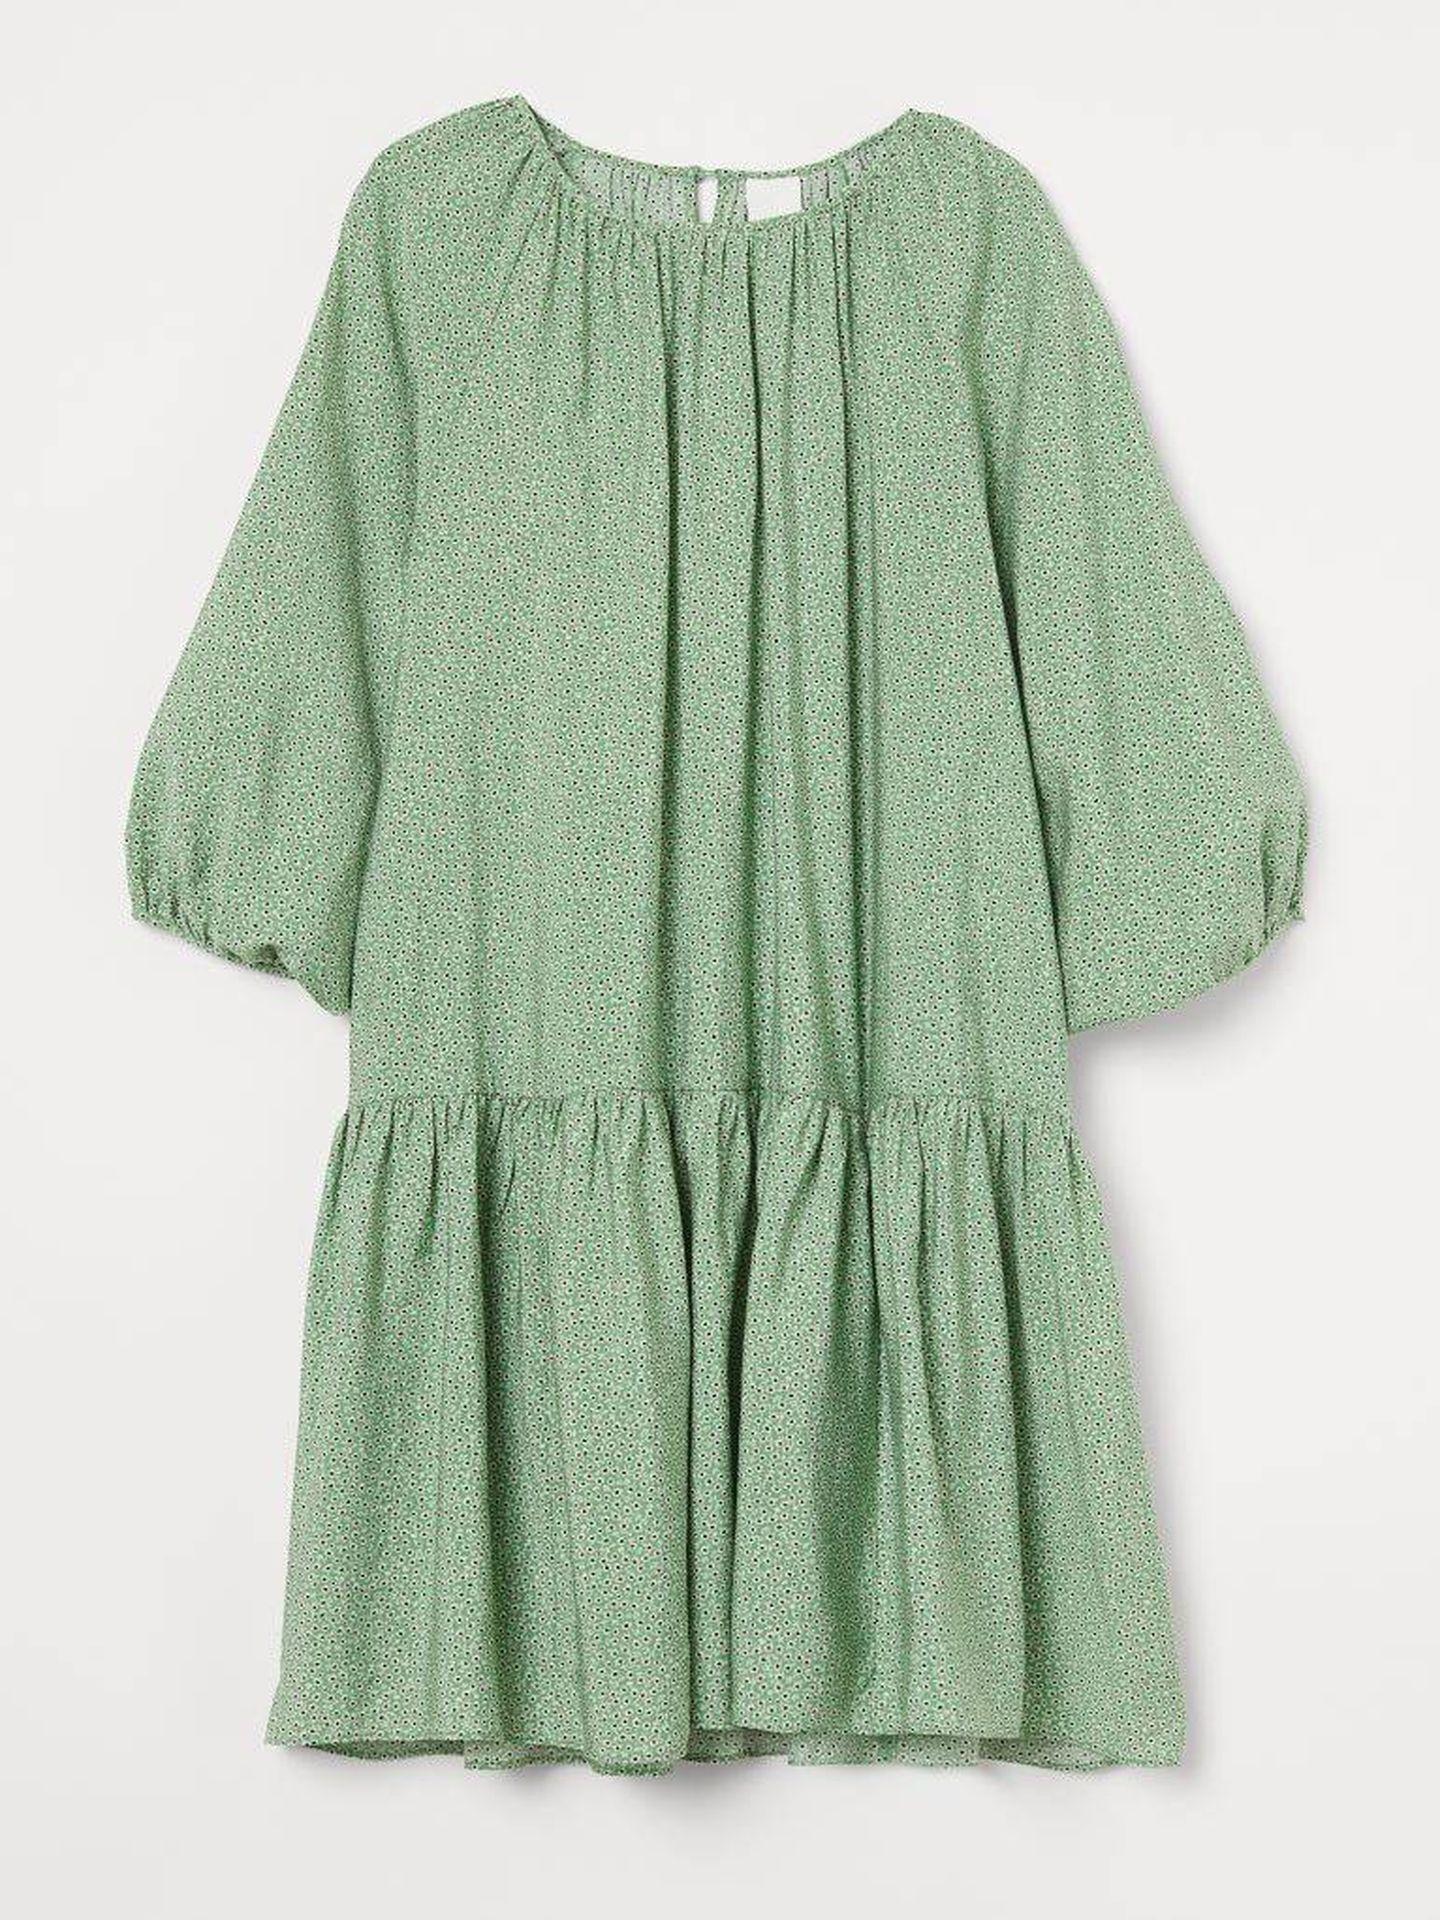 El vestido de H&M. (Cortesía)